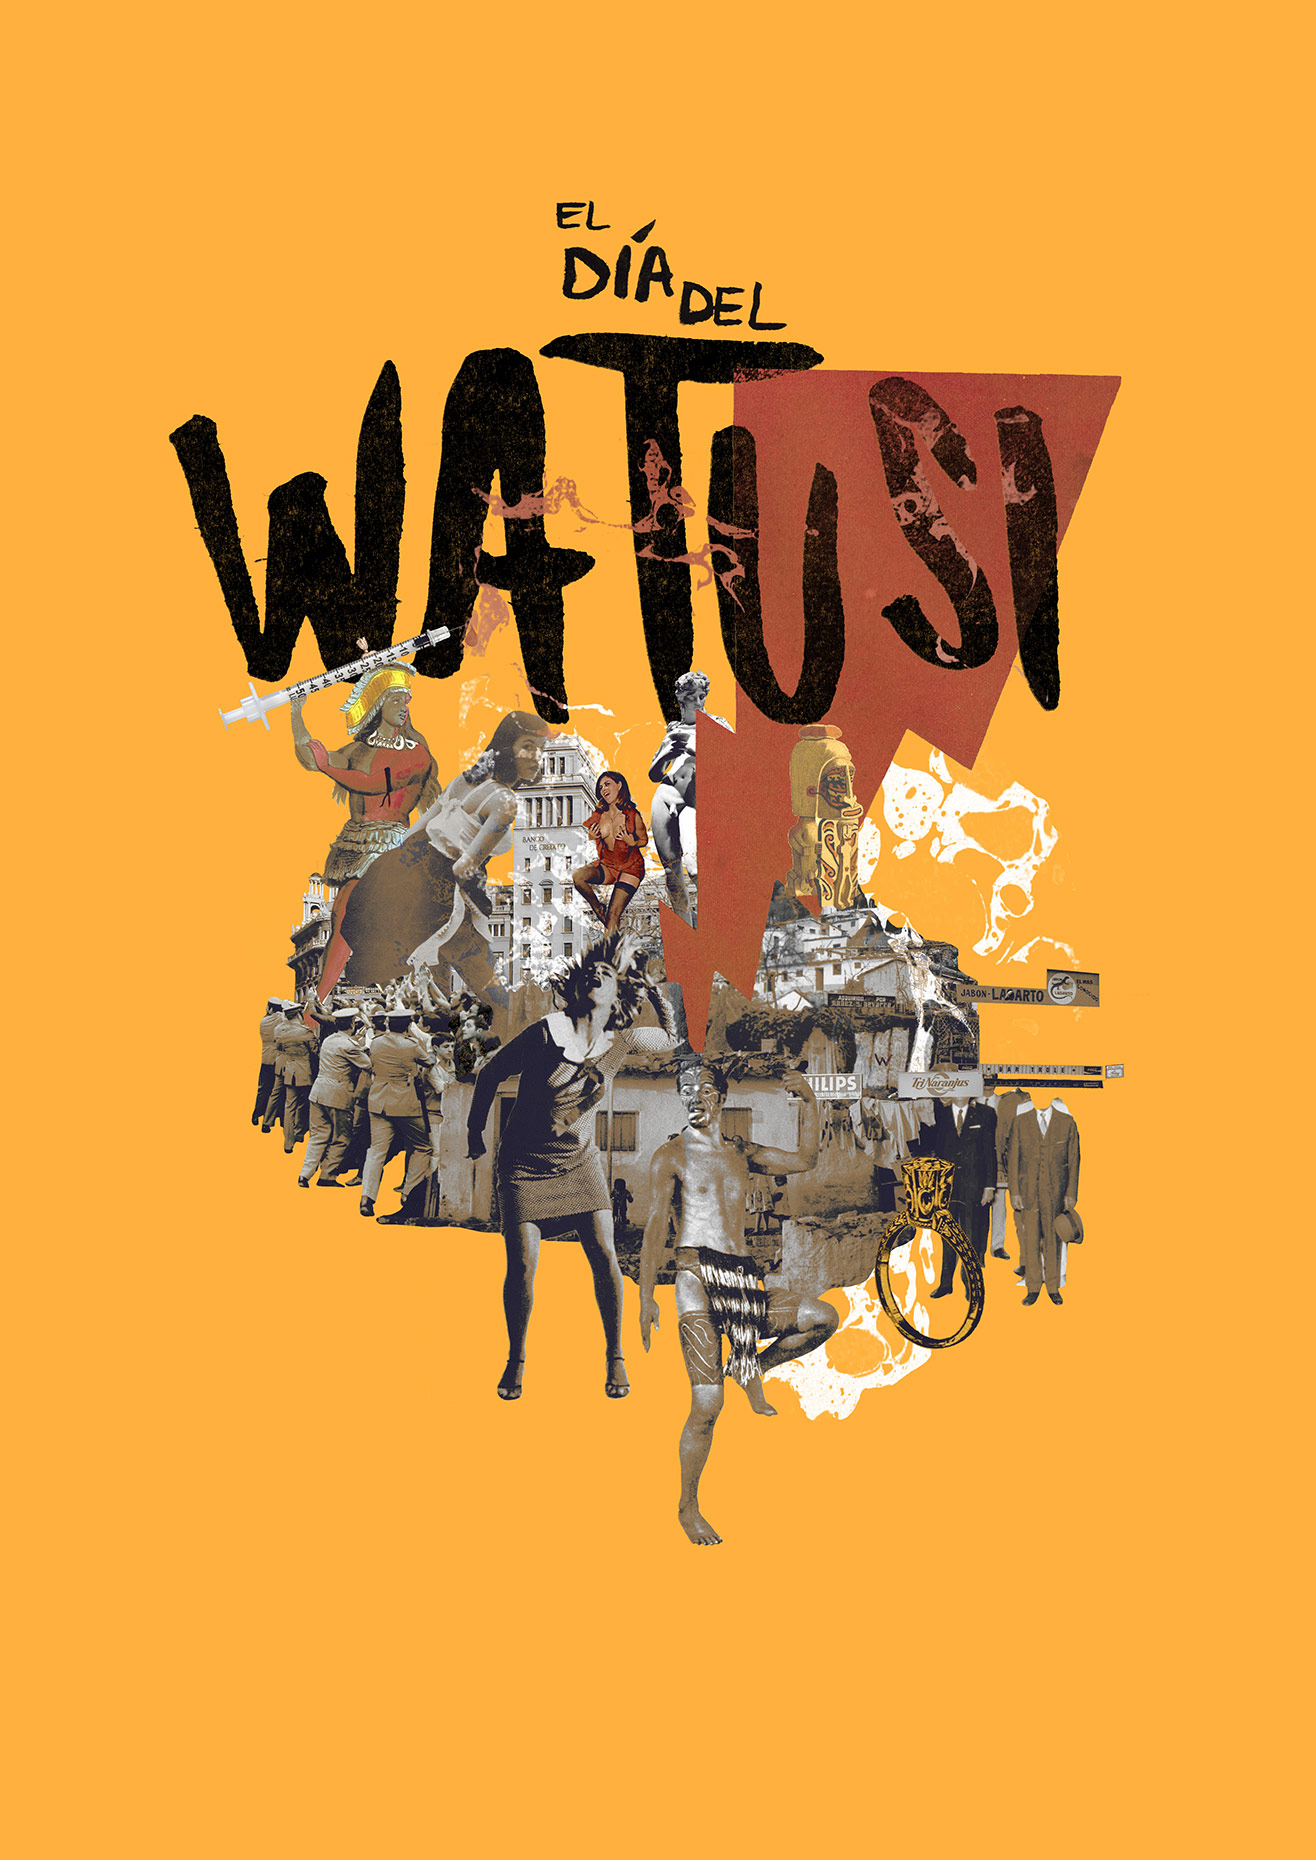 Maxomatic-Watusi.jpg